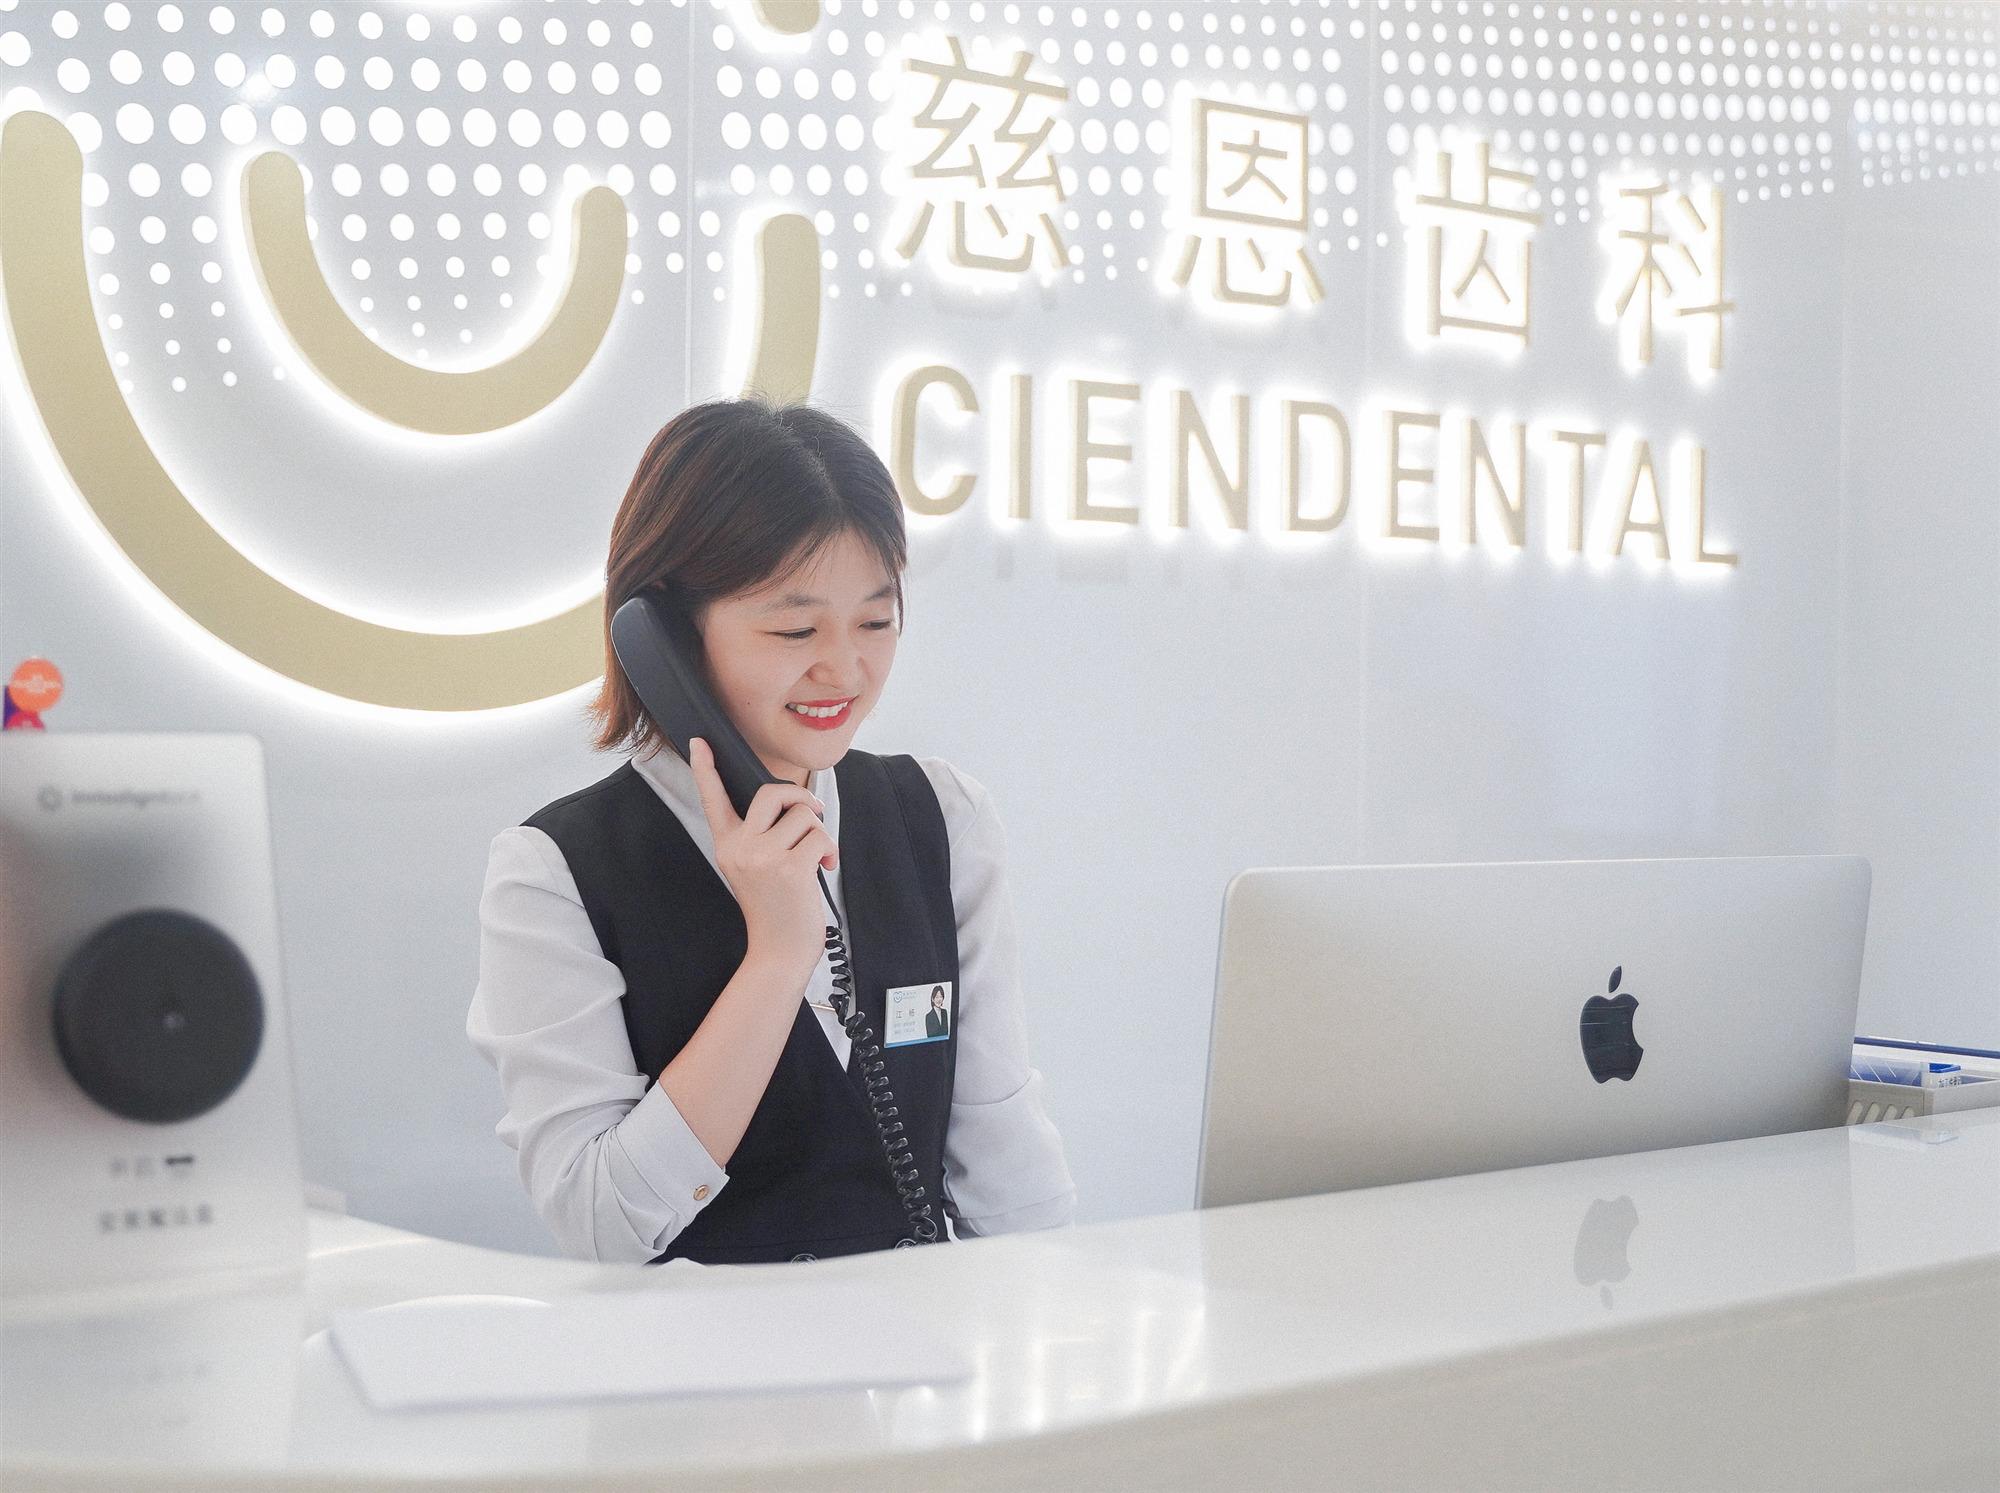 深圳牙科医院值得信赖的原因